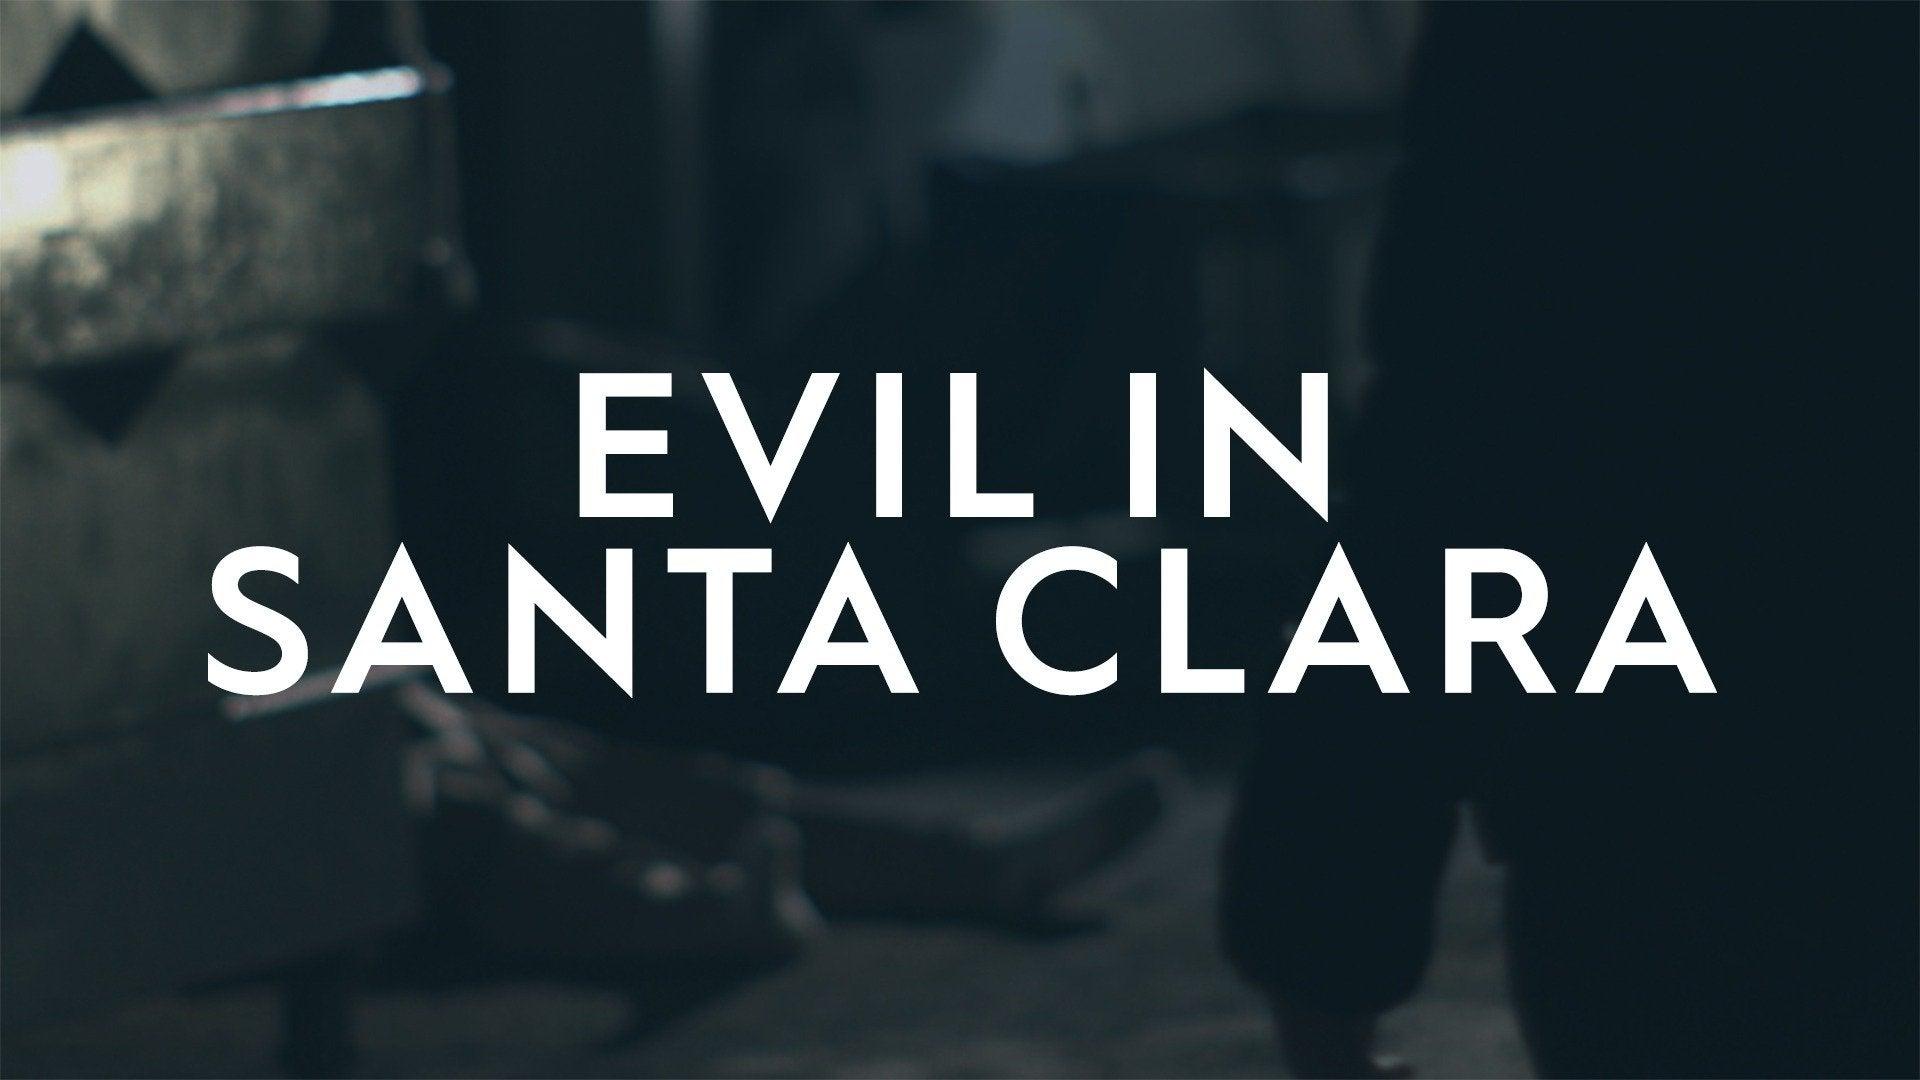 Evil in Santa Clara